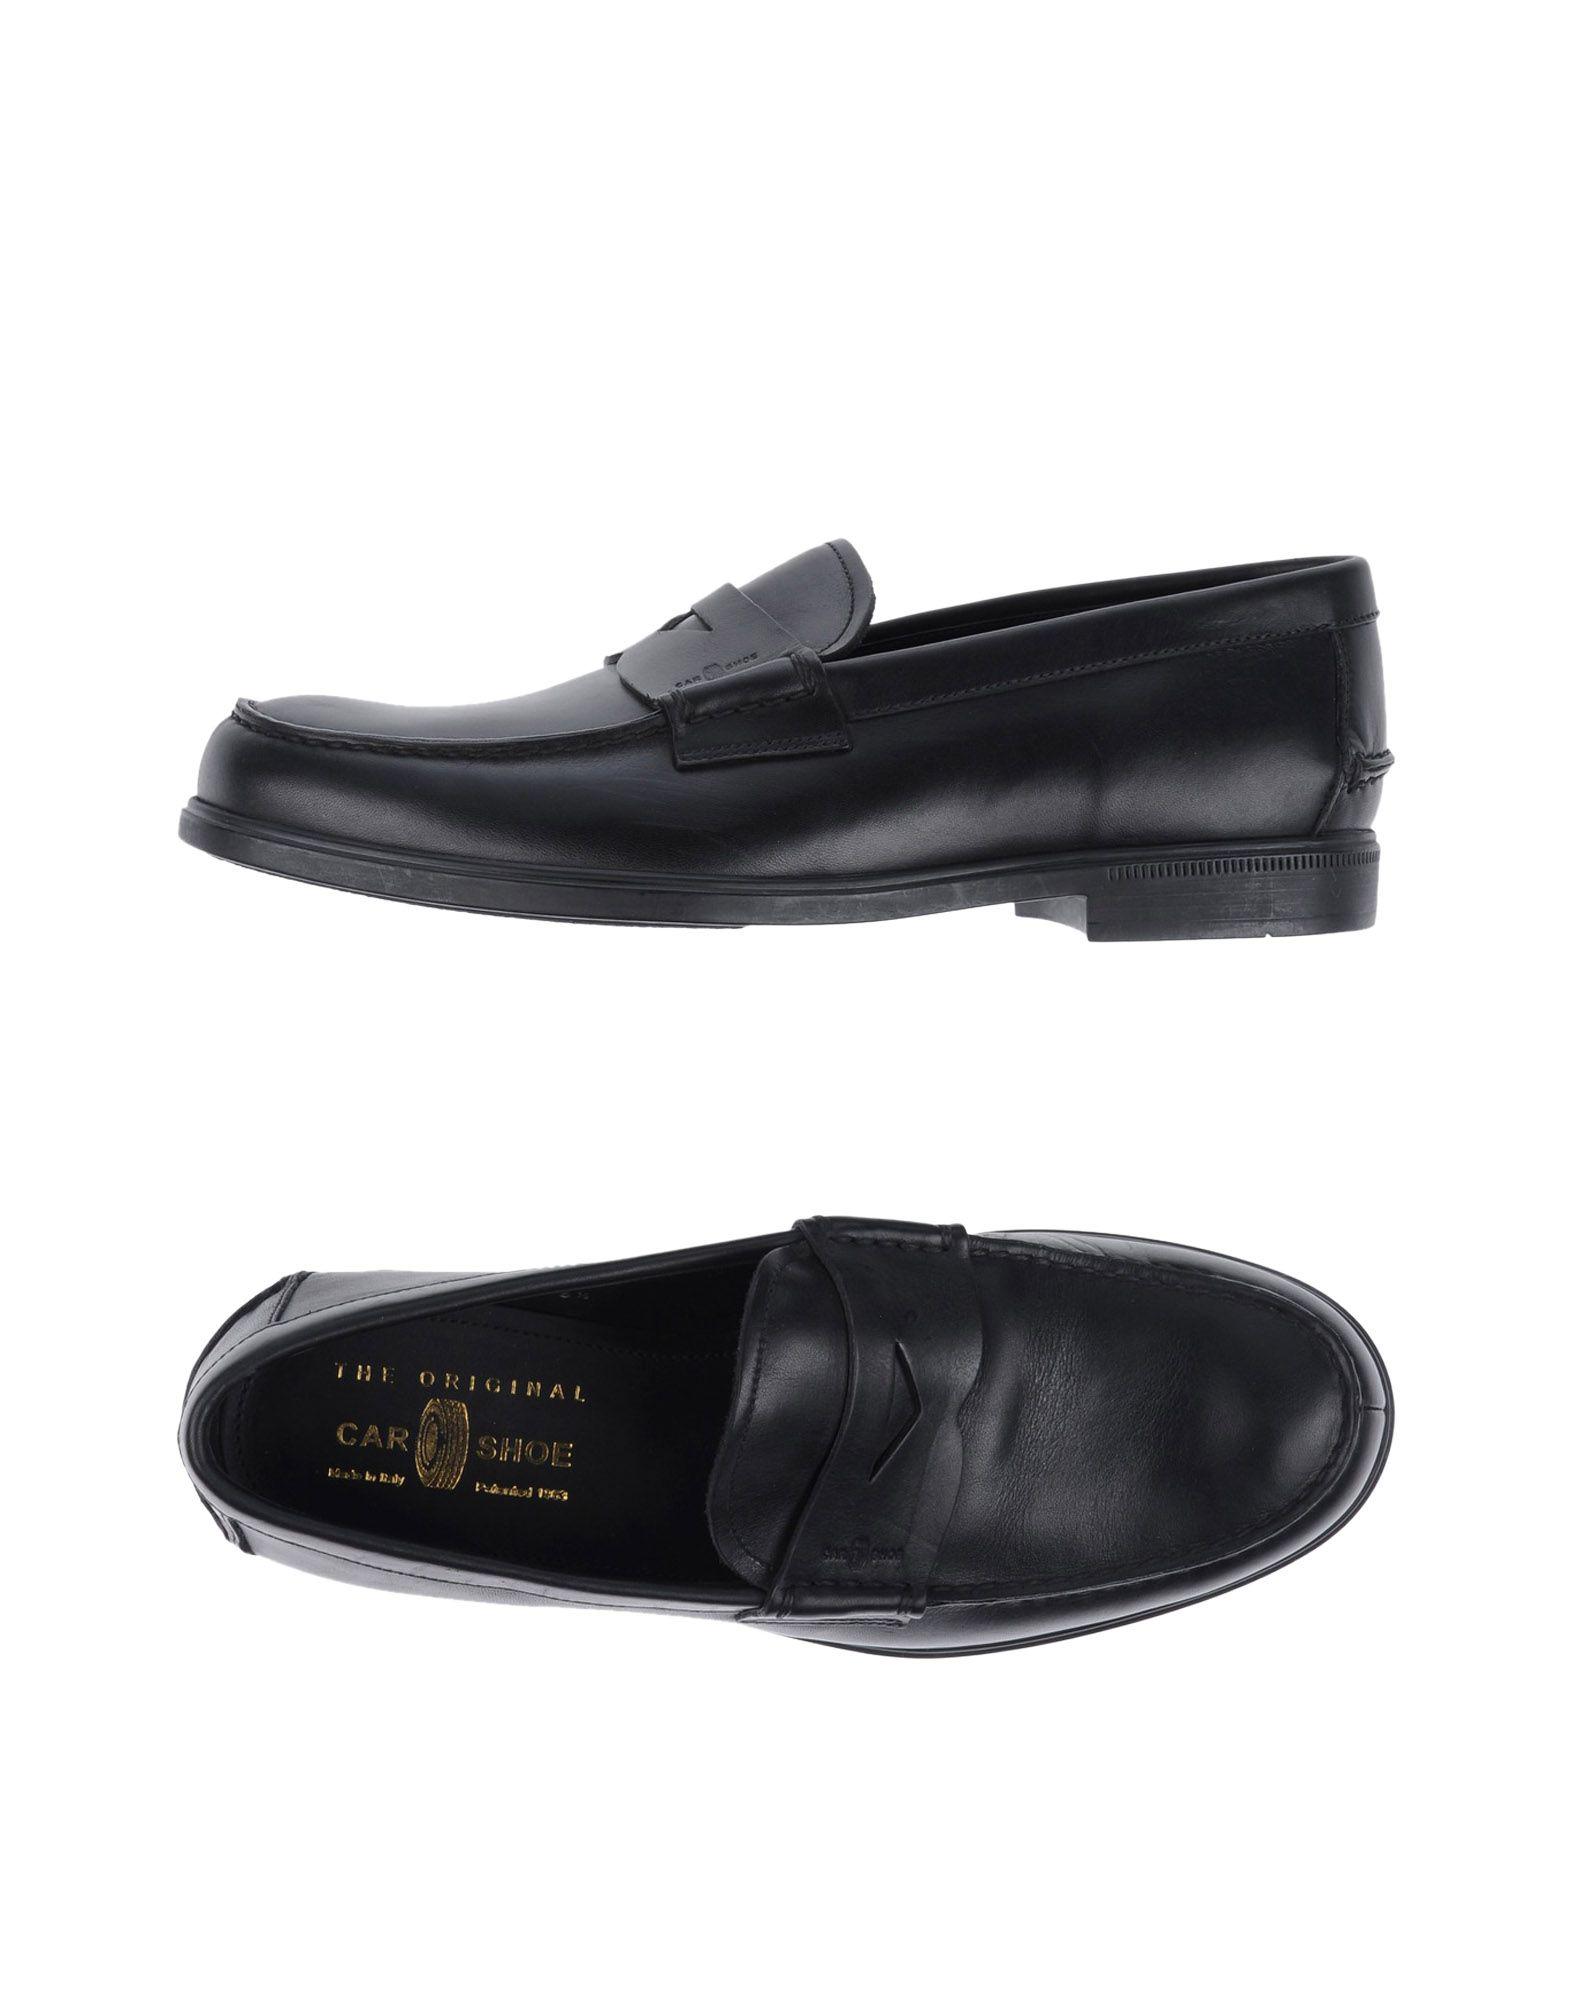 Mocassino Carshoe Uomo - 11192318PL Scarpe economiche e buone